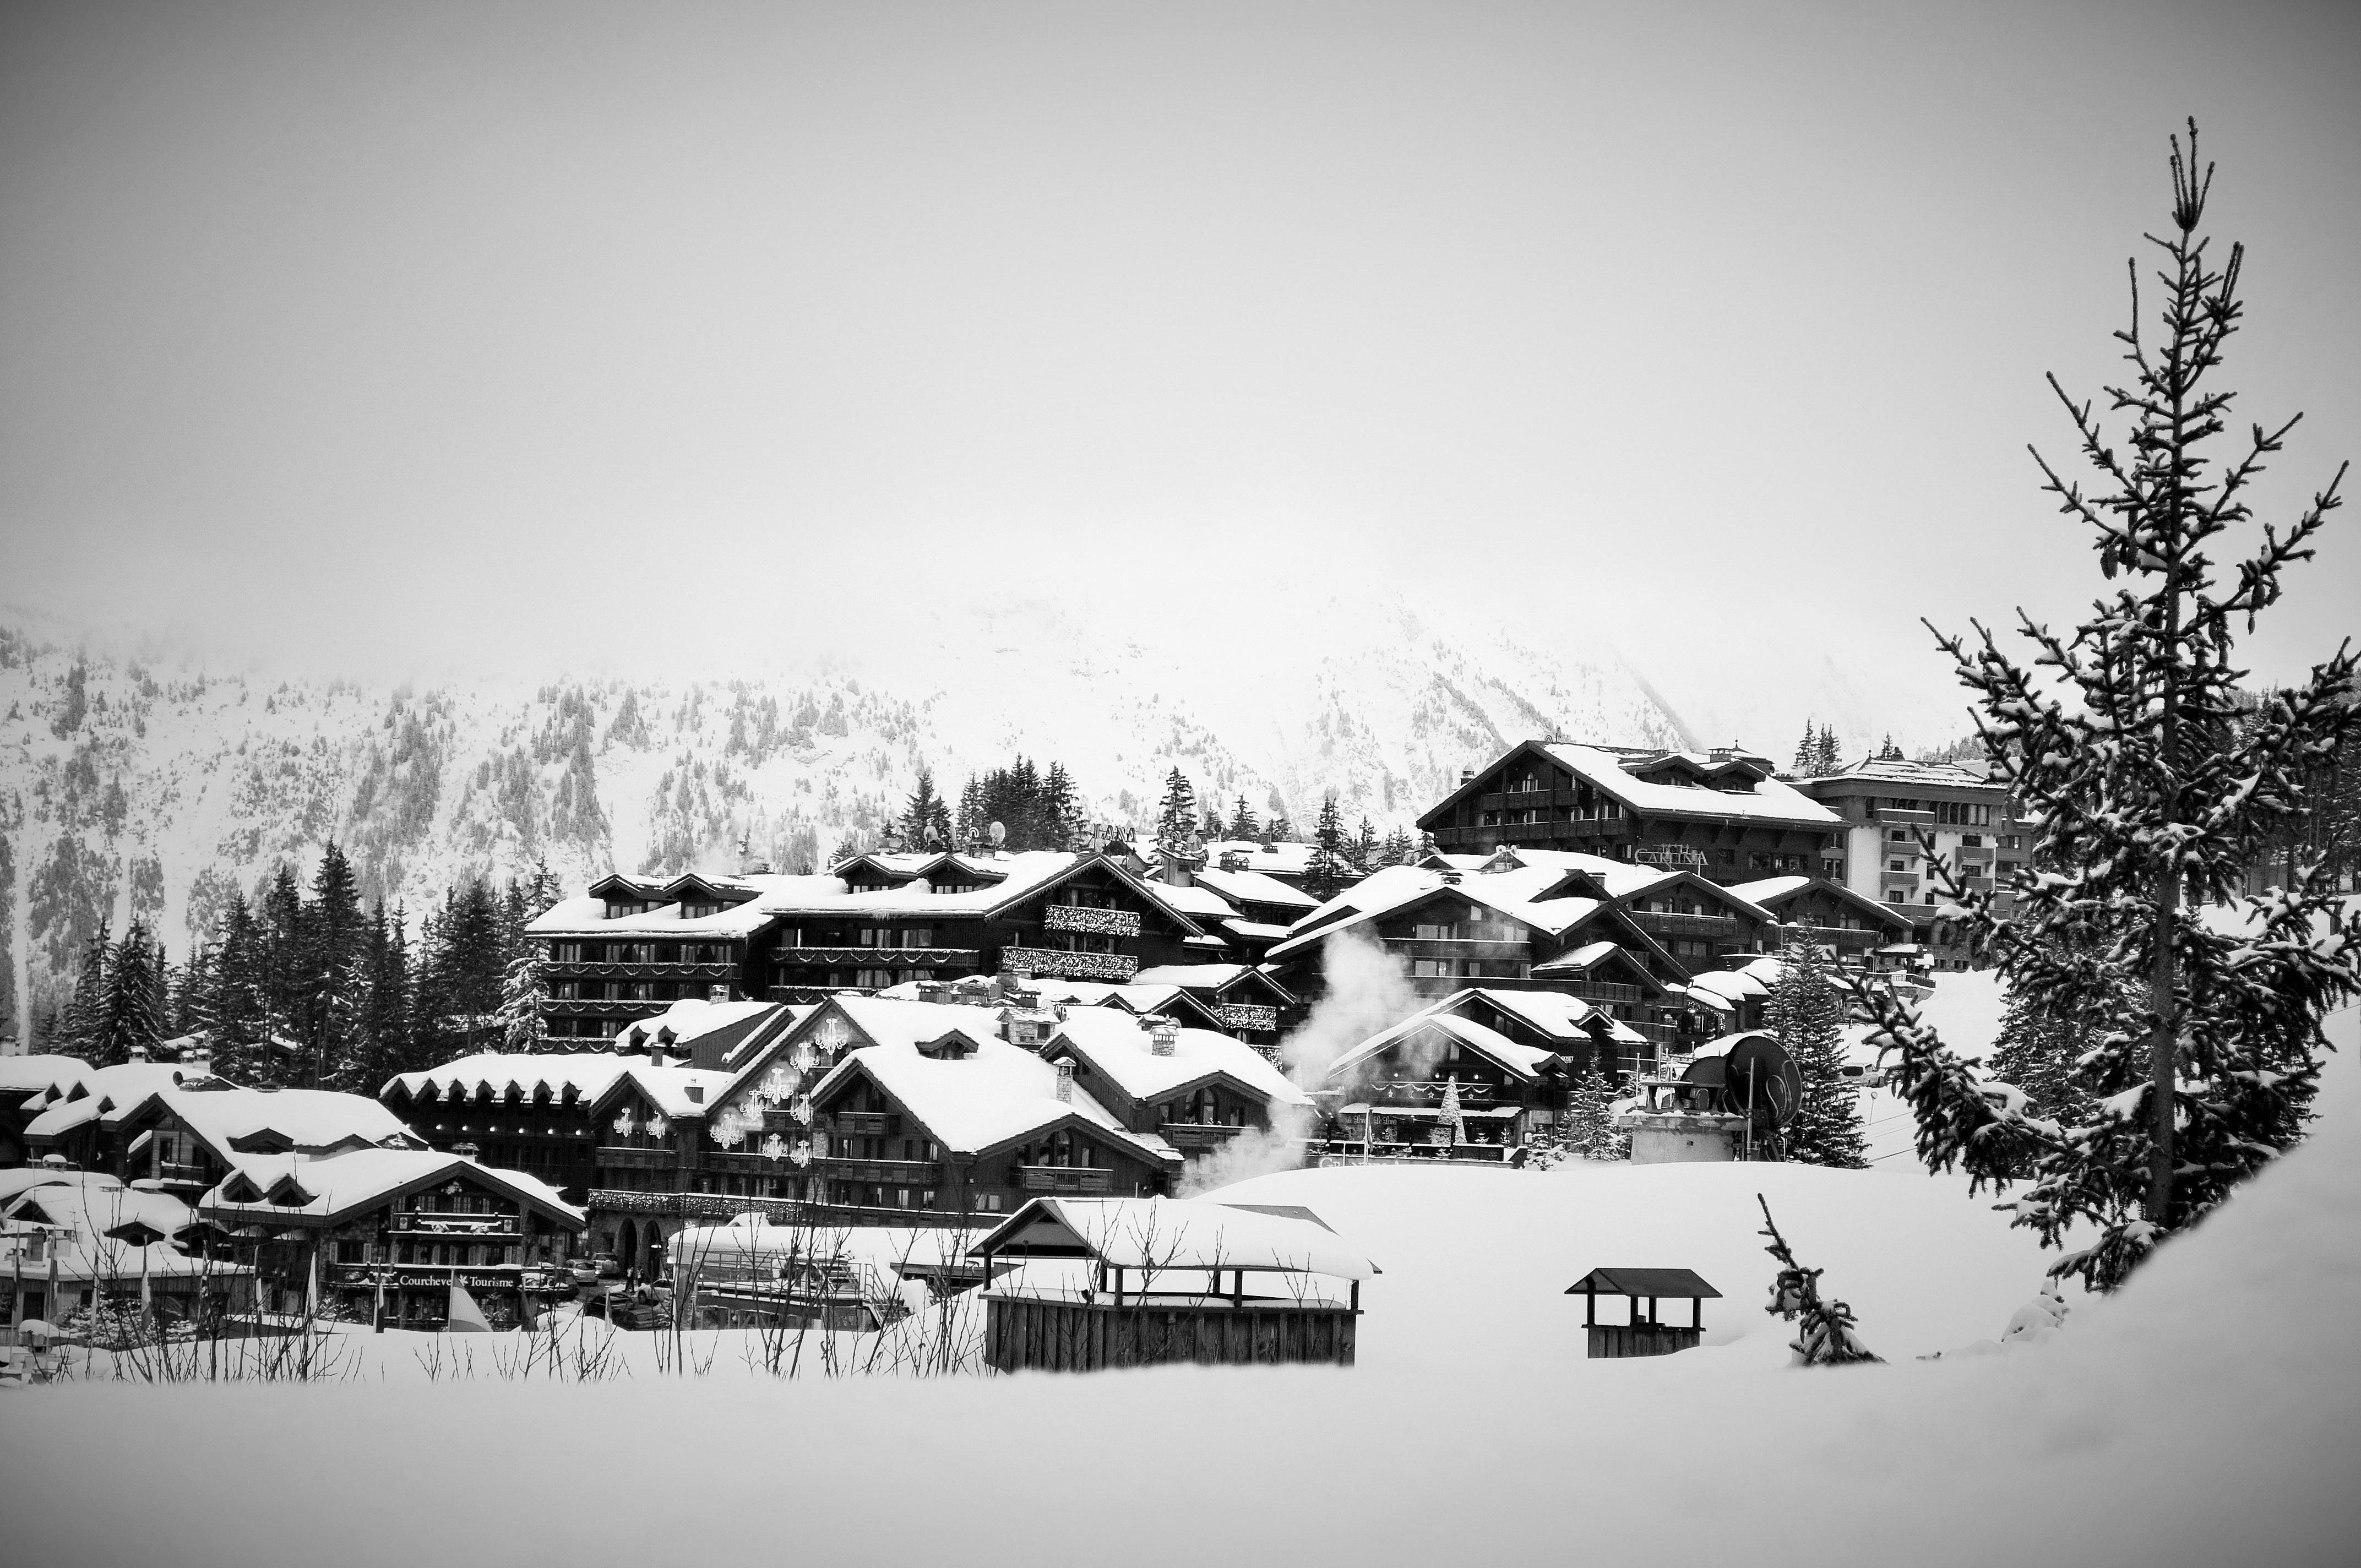 Gambar Alam Salju Musim Dingin Hitam Dan Putih